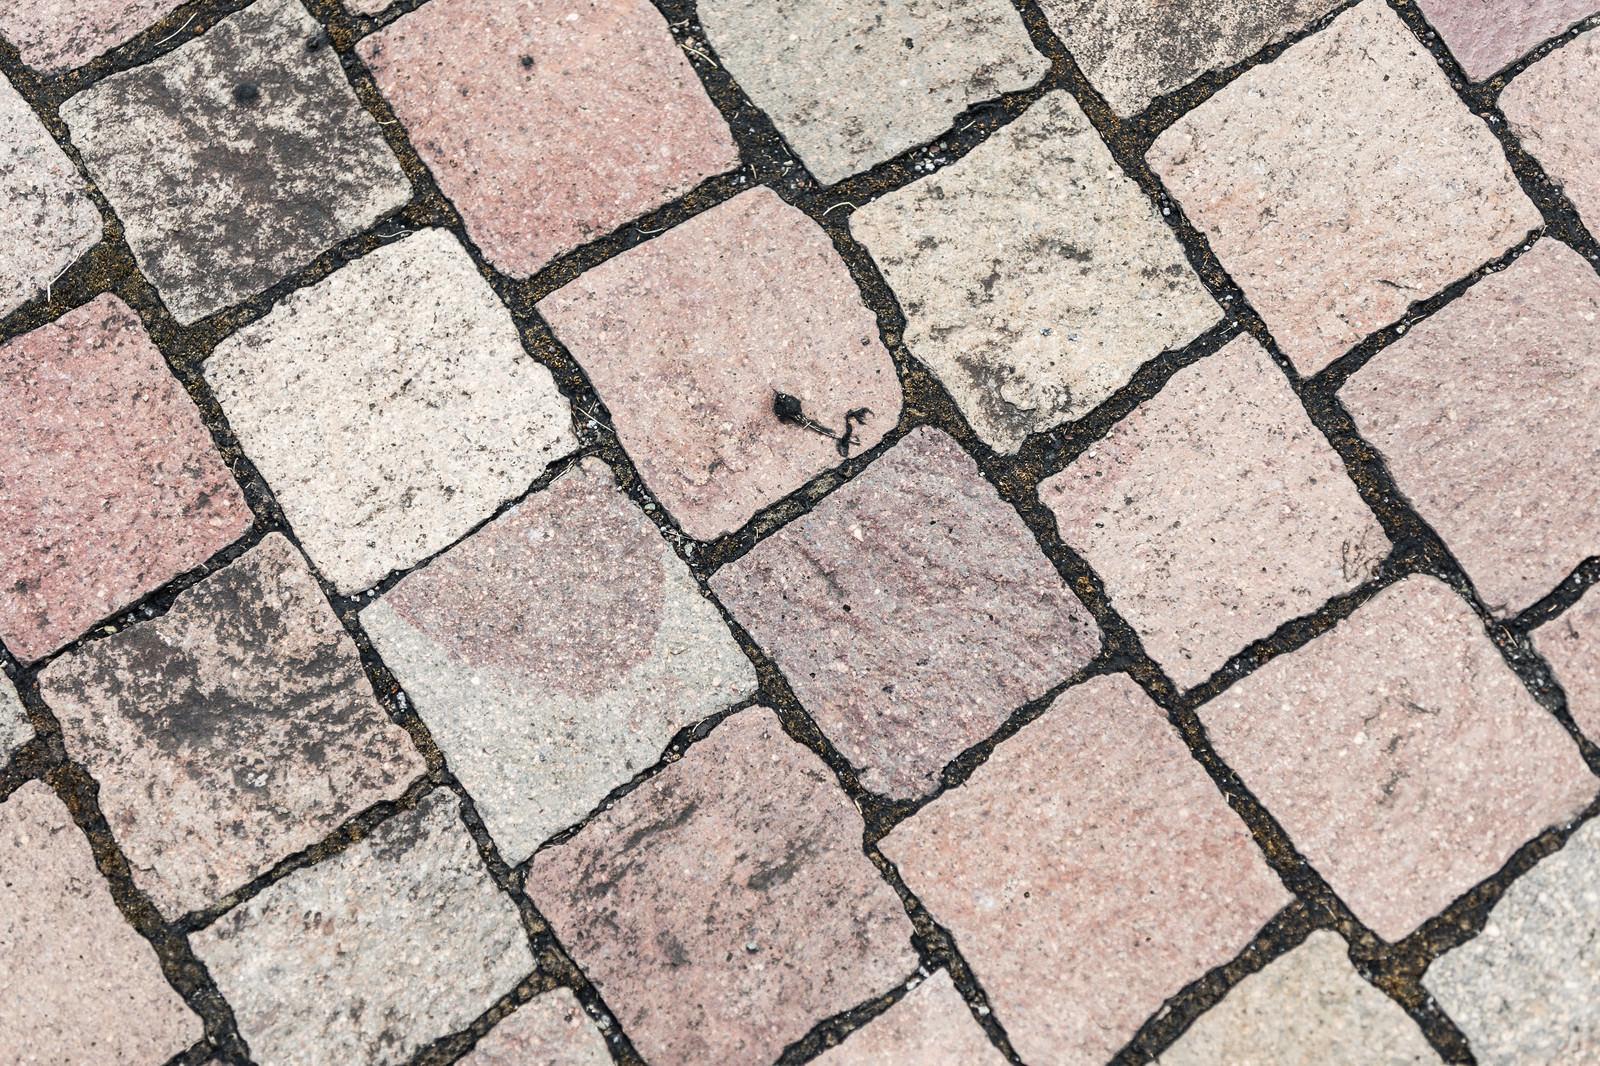 「地面に敷き詰められたレンガ調の正方形タイル(テクスチャ)」の写真